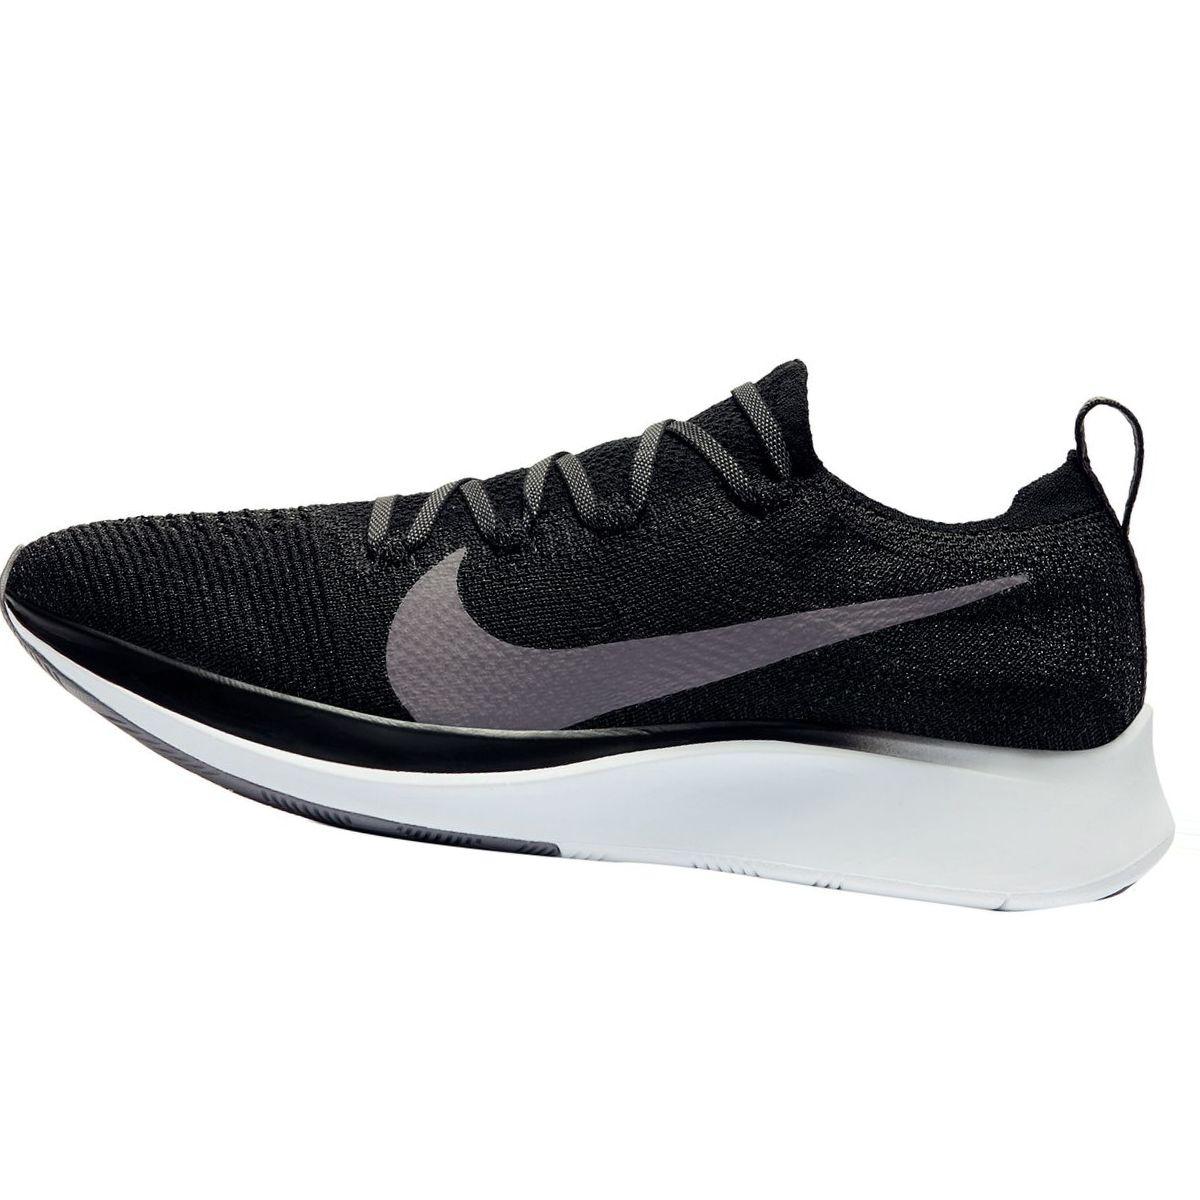 Nike Zoom Fly Flyknit Running Shoe - Women's